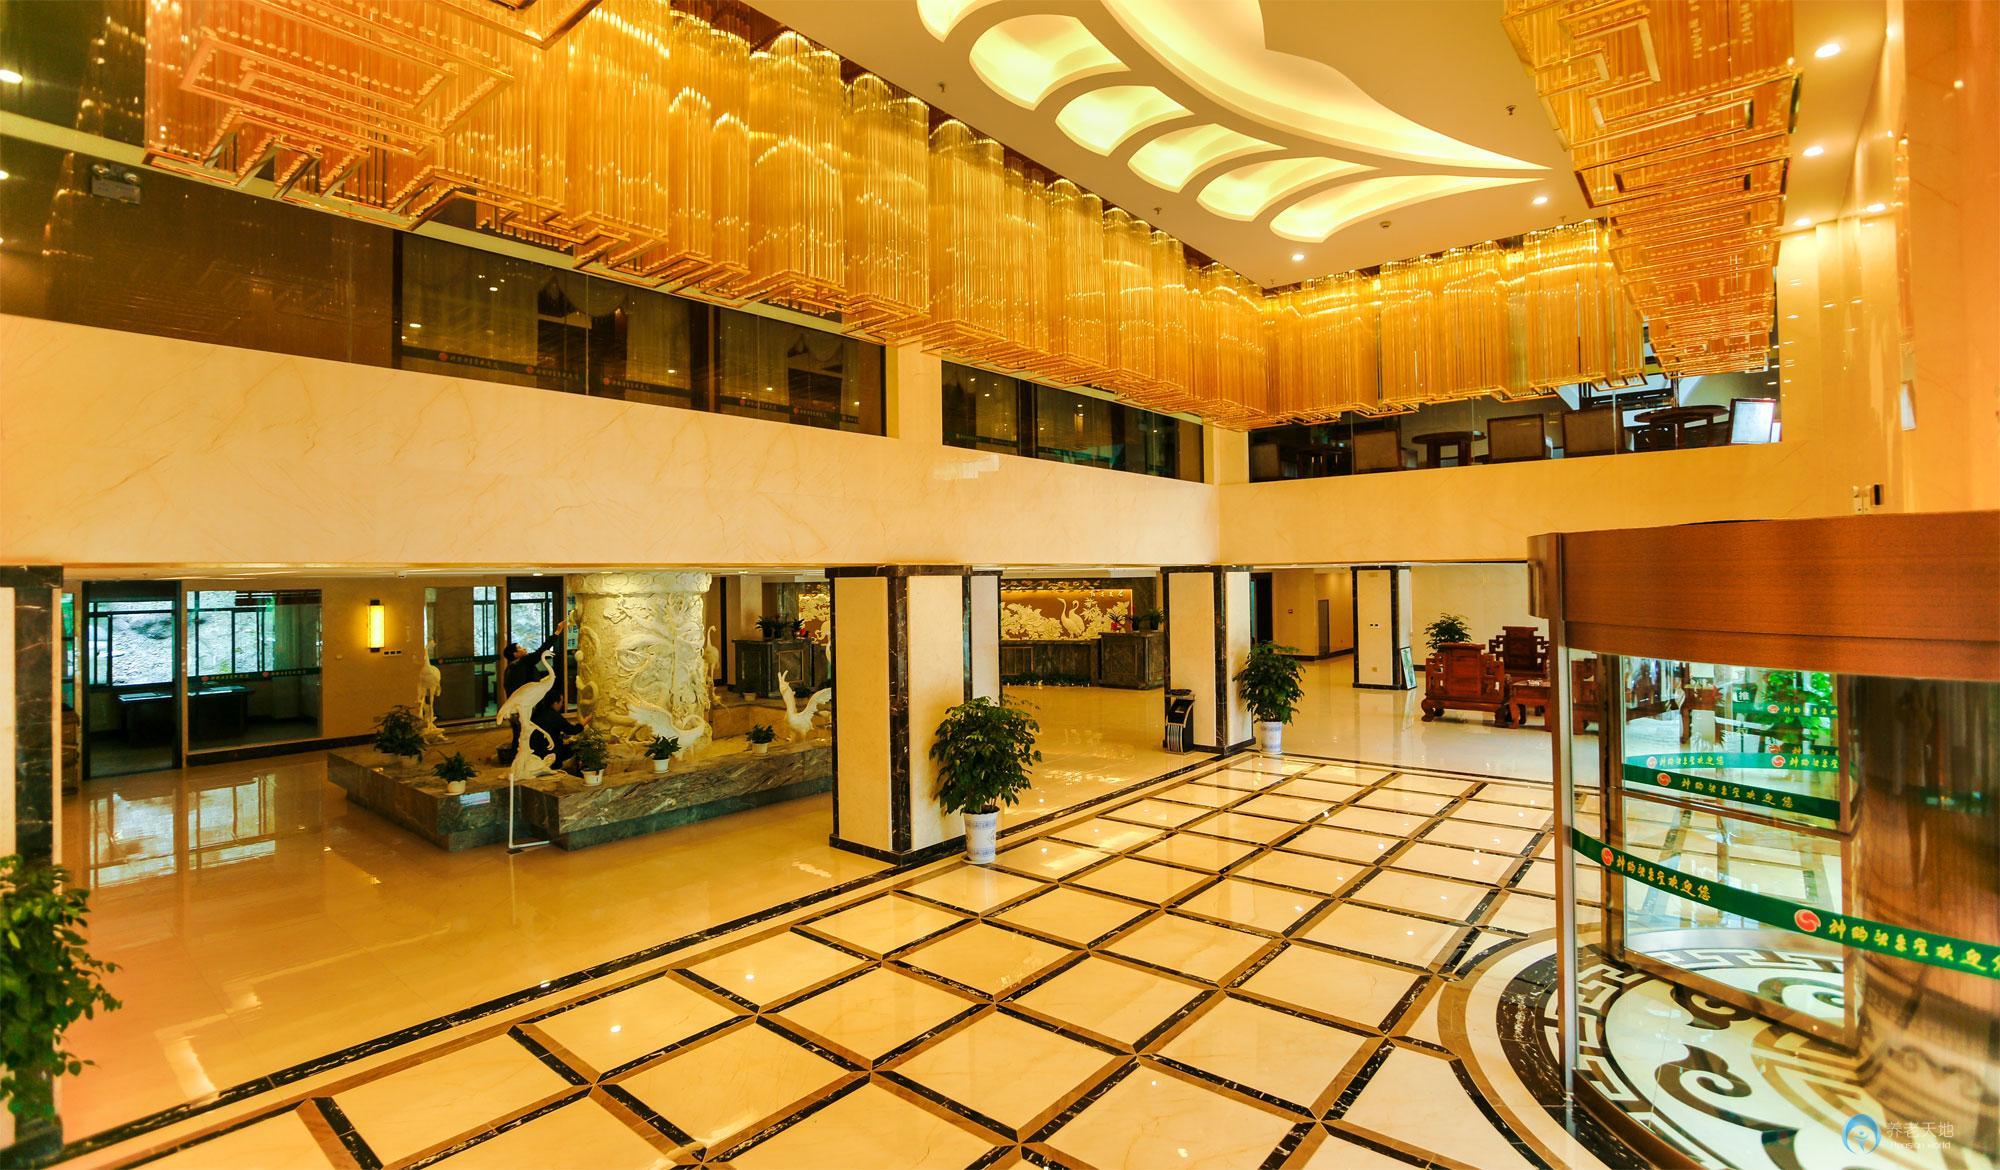 社区居家养老模式_广东惠州高端养老院、老年公寓—阳光国际老年公寓-养老天地